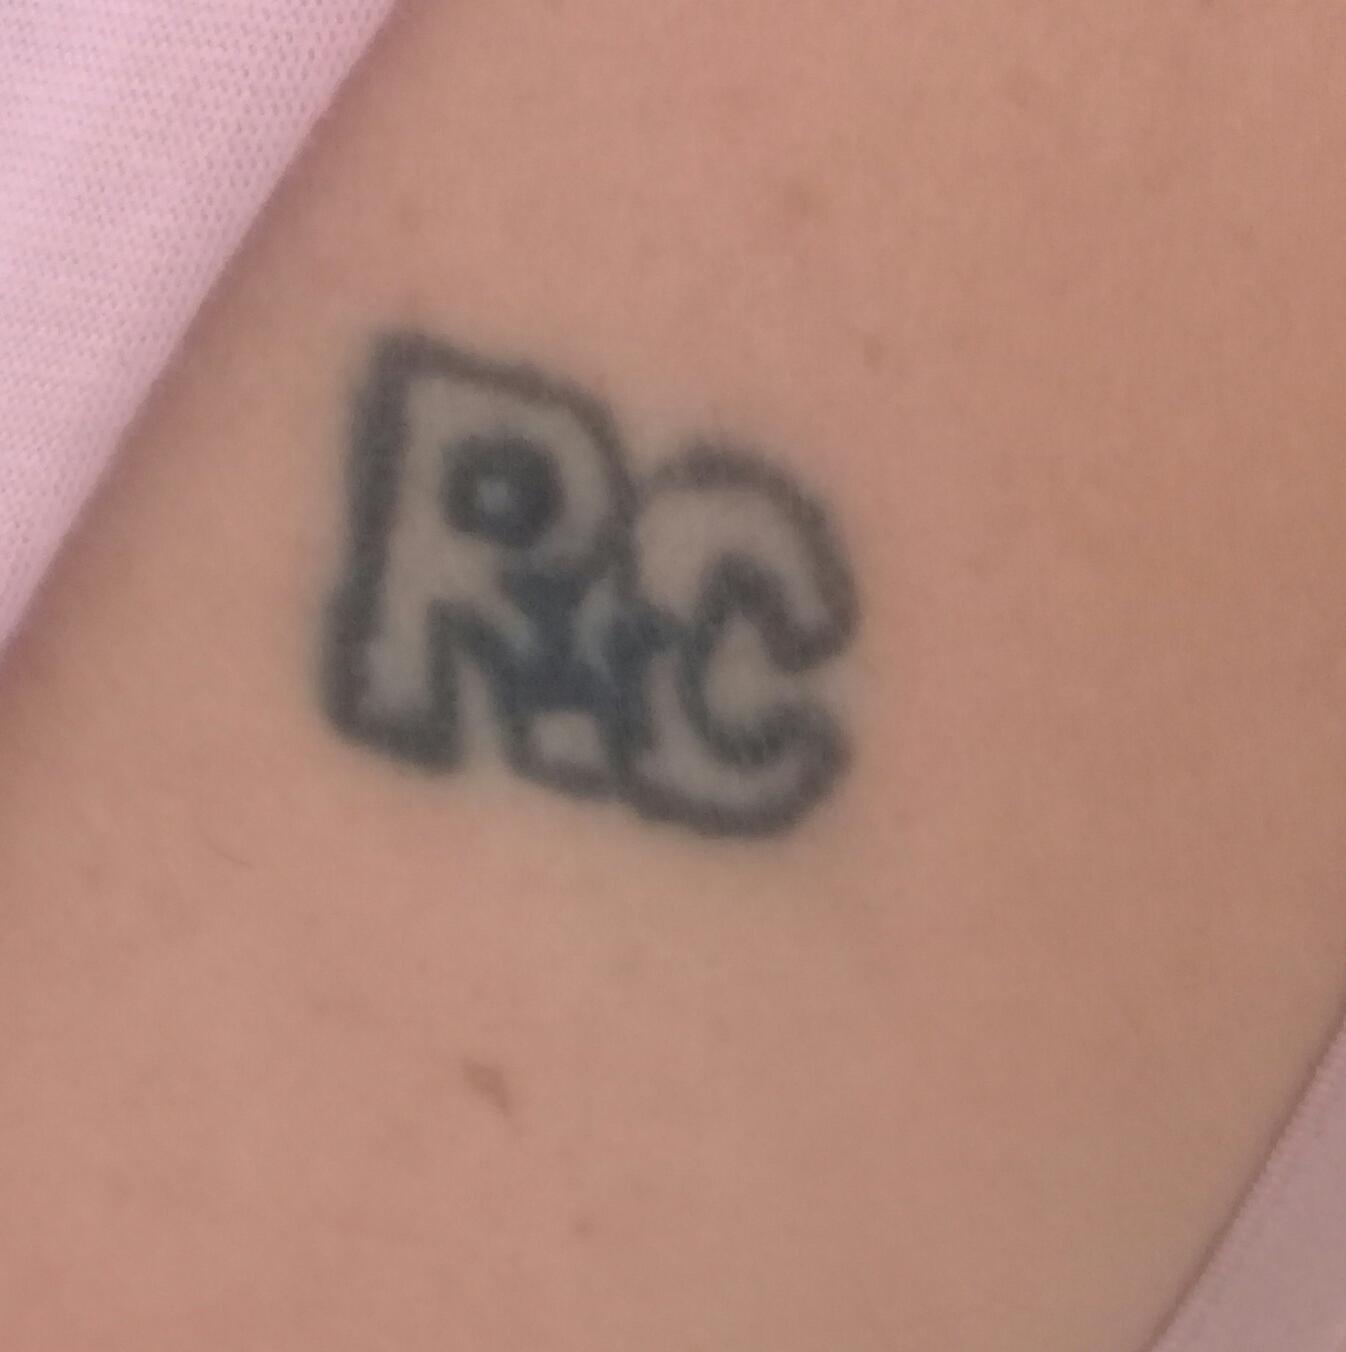 Gicelia cabral - Tenho uma tatuagem com as iniciais de Roberto Carl